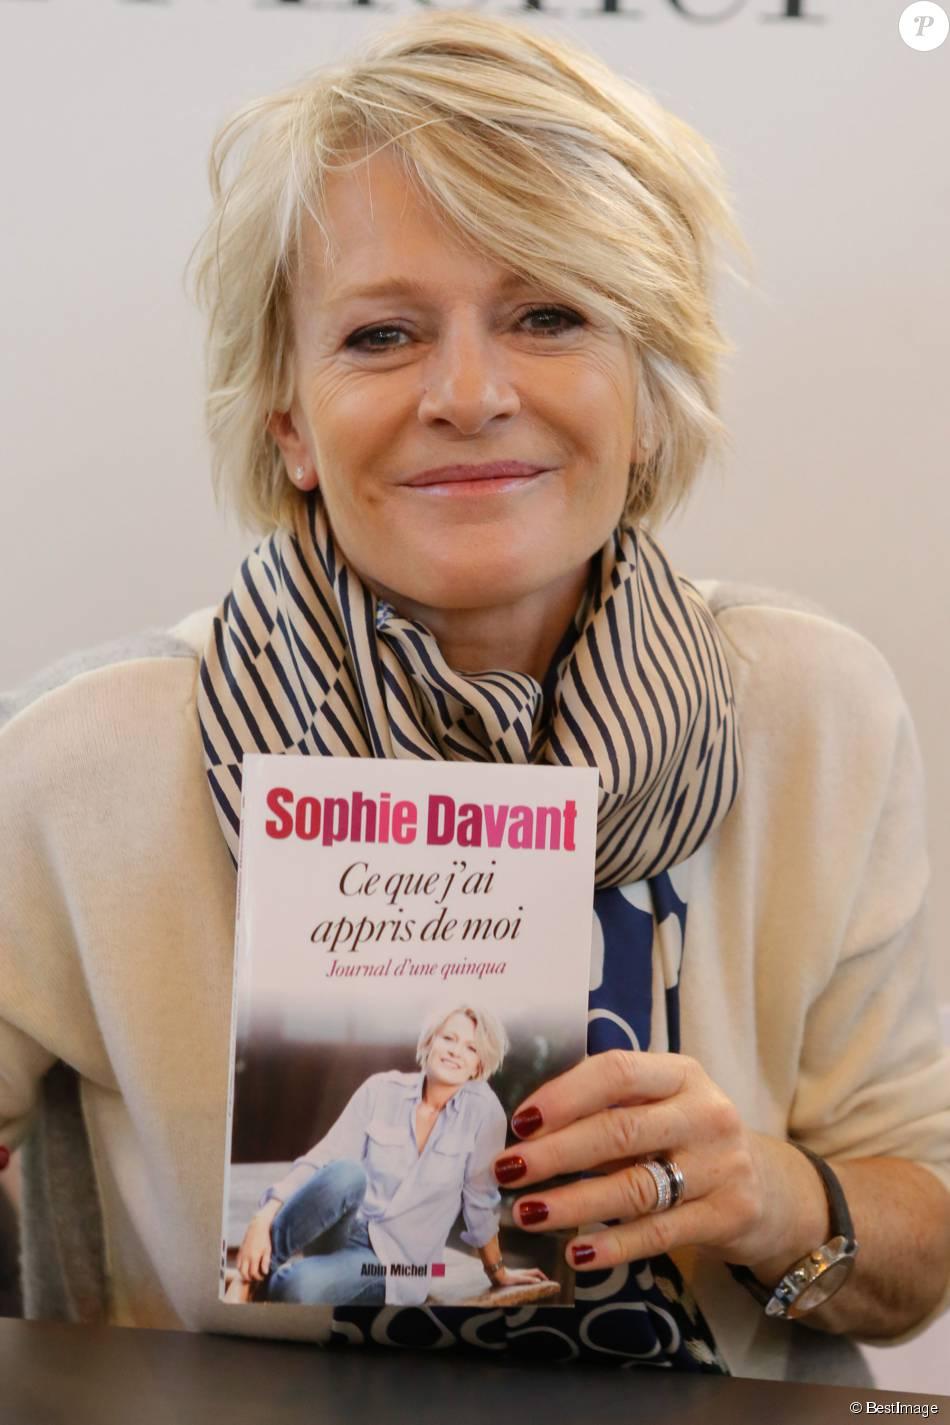 Sophie davant au salon du livre la porte de versailles paris le 22 mars 2015 - Salon du livre porte de versailles 2015 ...